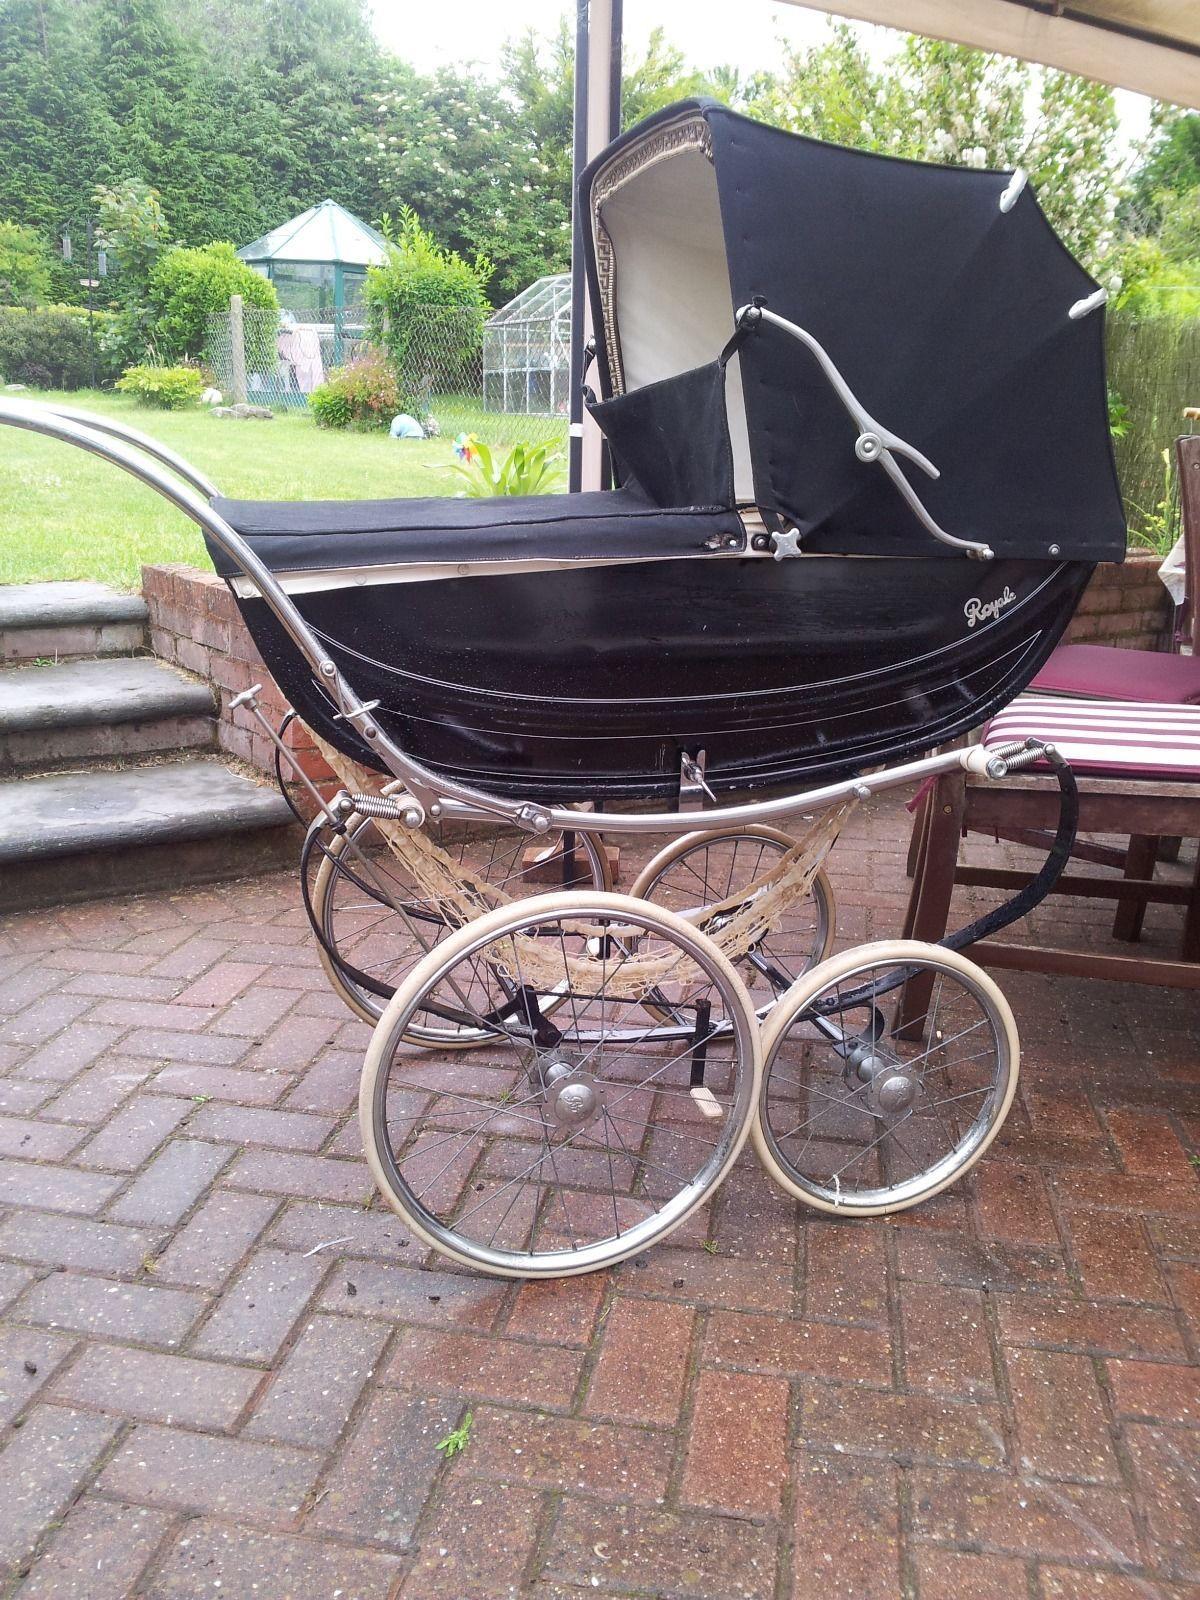 royale coachbuilt pram. vintage pram eBay My Aunt really